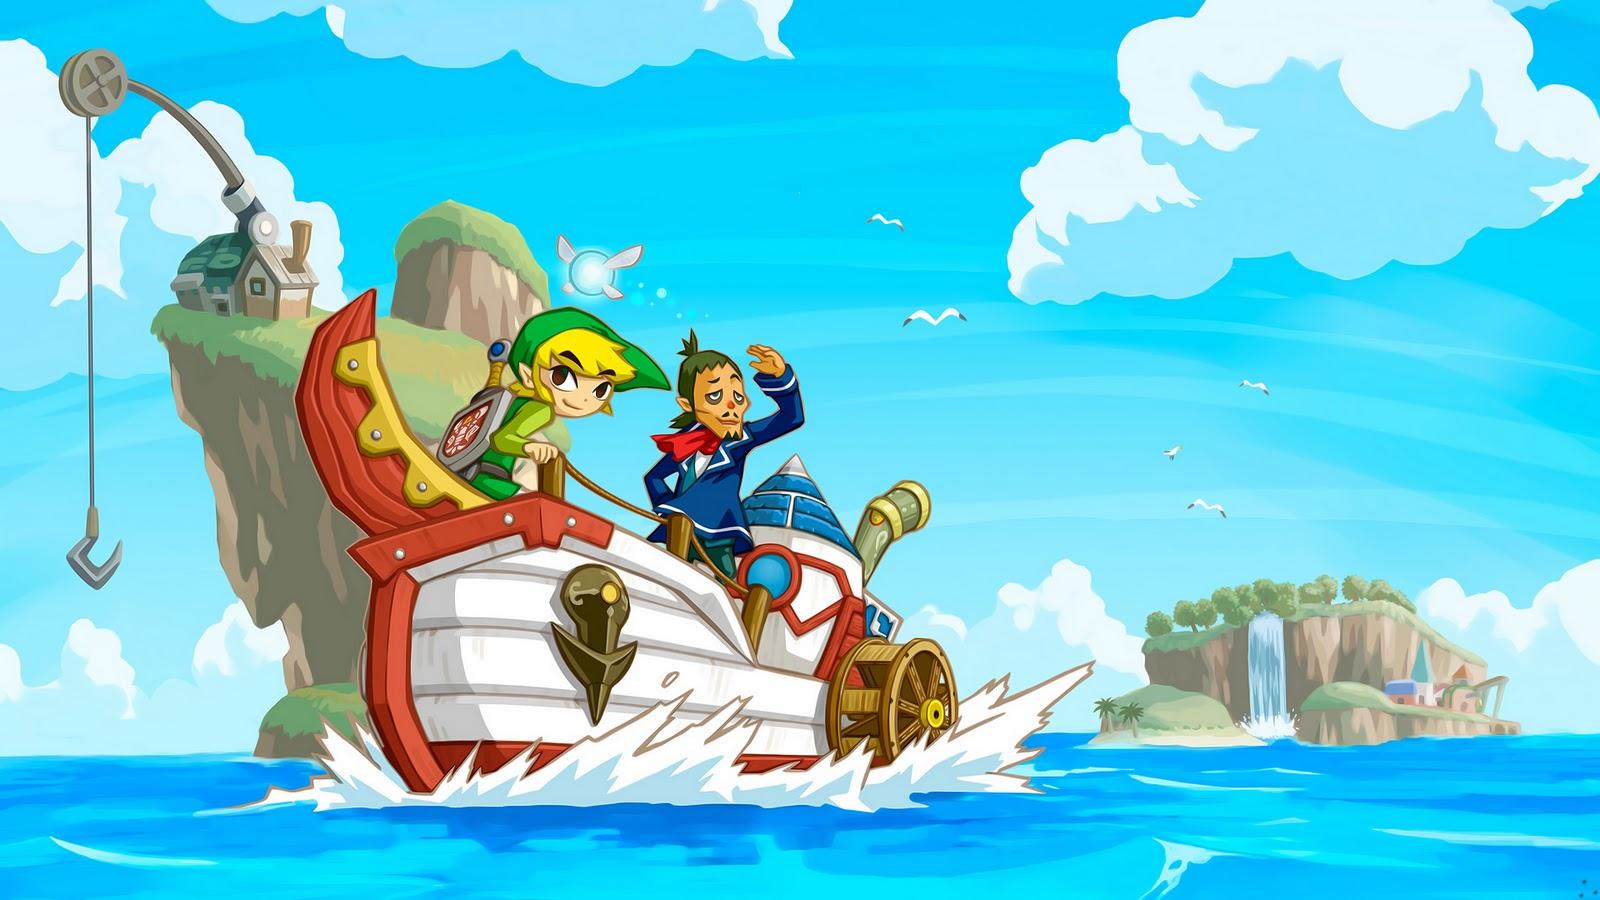 1080p Zelda Wallpaper: NinjaPixel Blog: Gamer Wallpaper